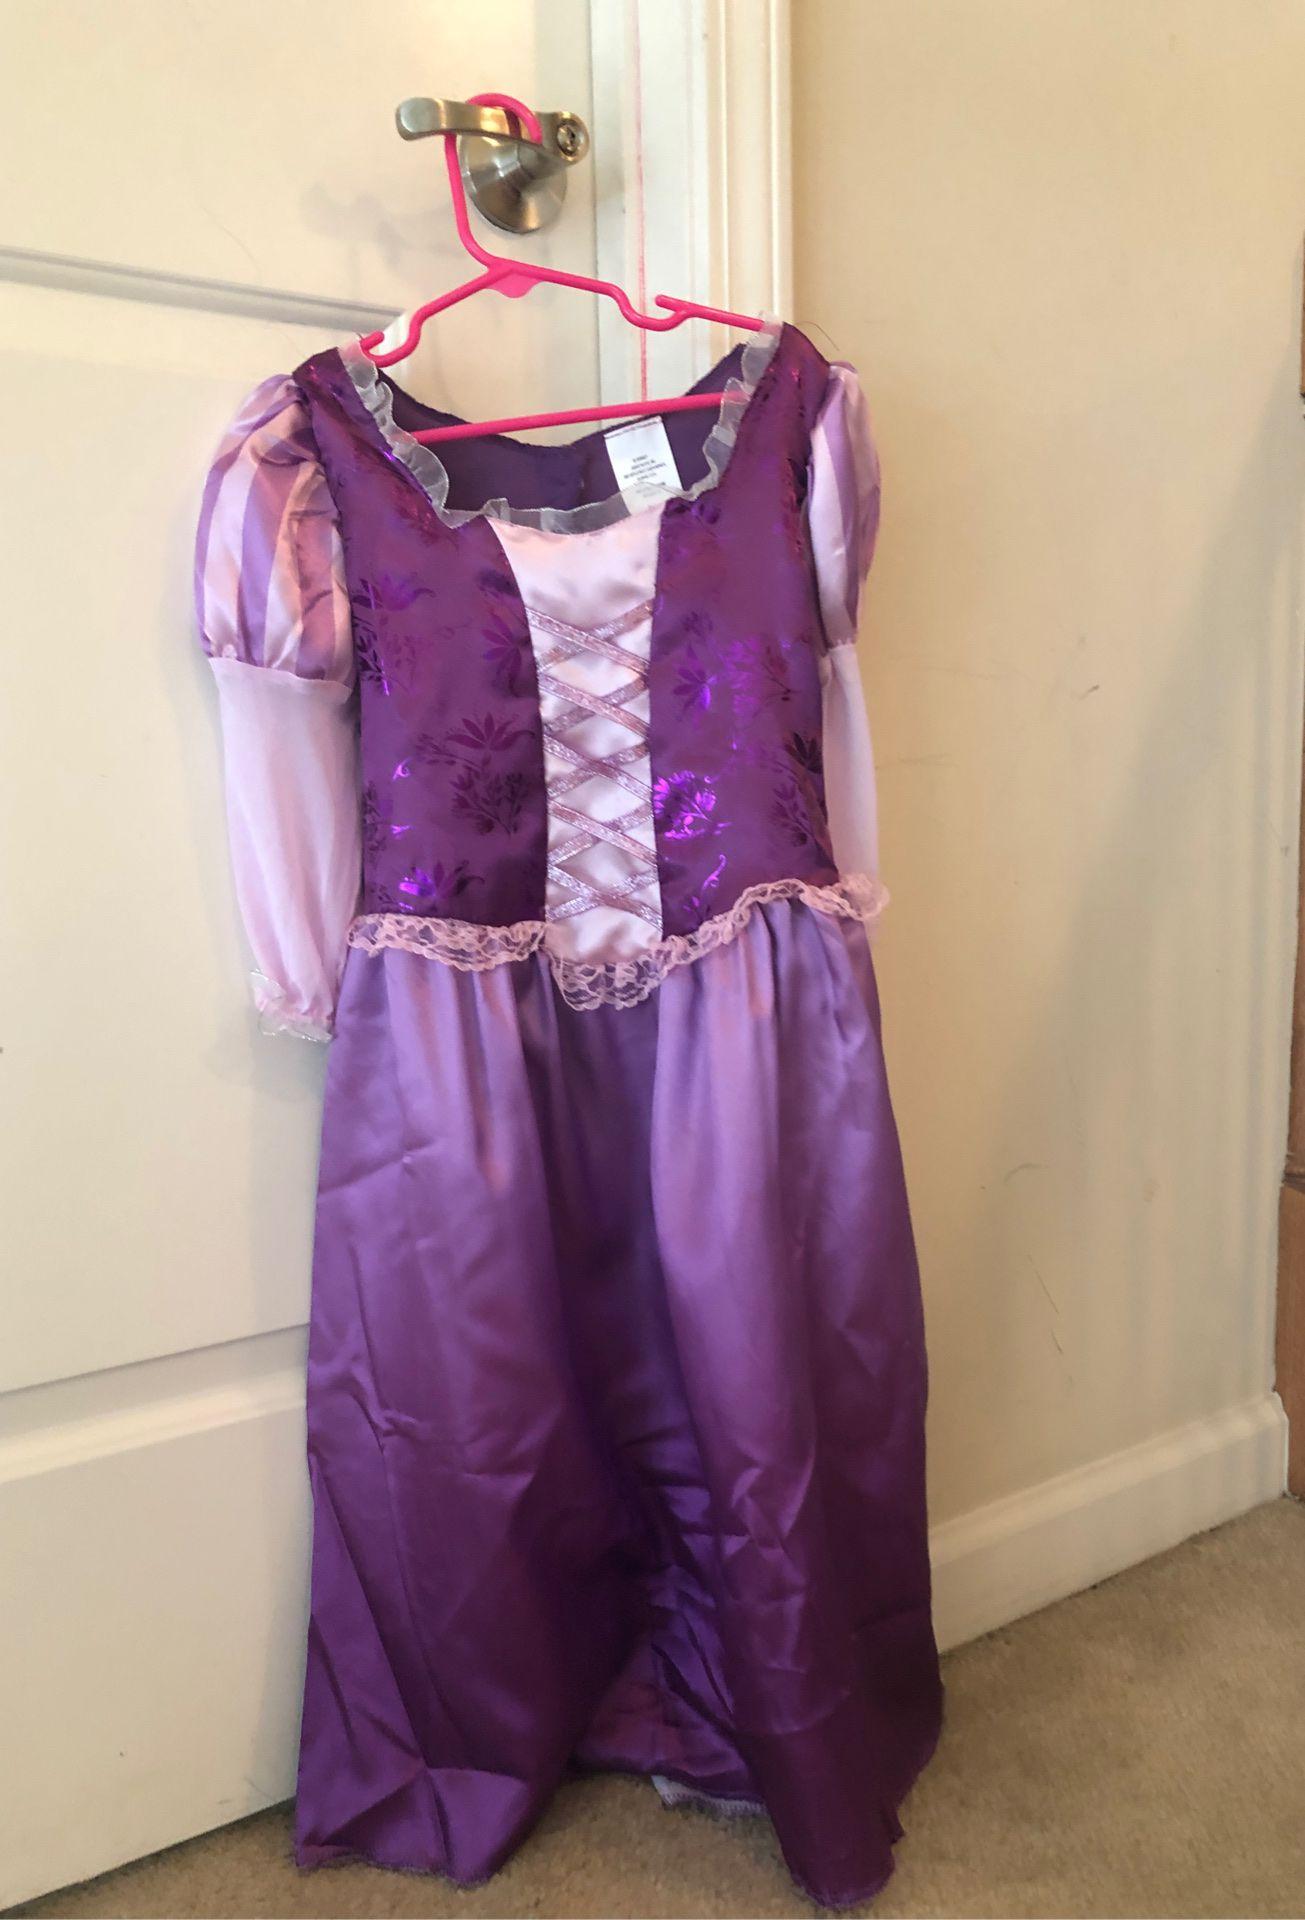 Rapunzel costume for Halloween